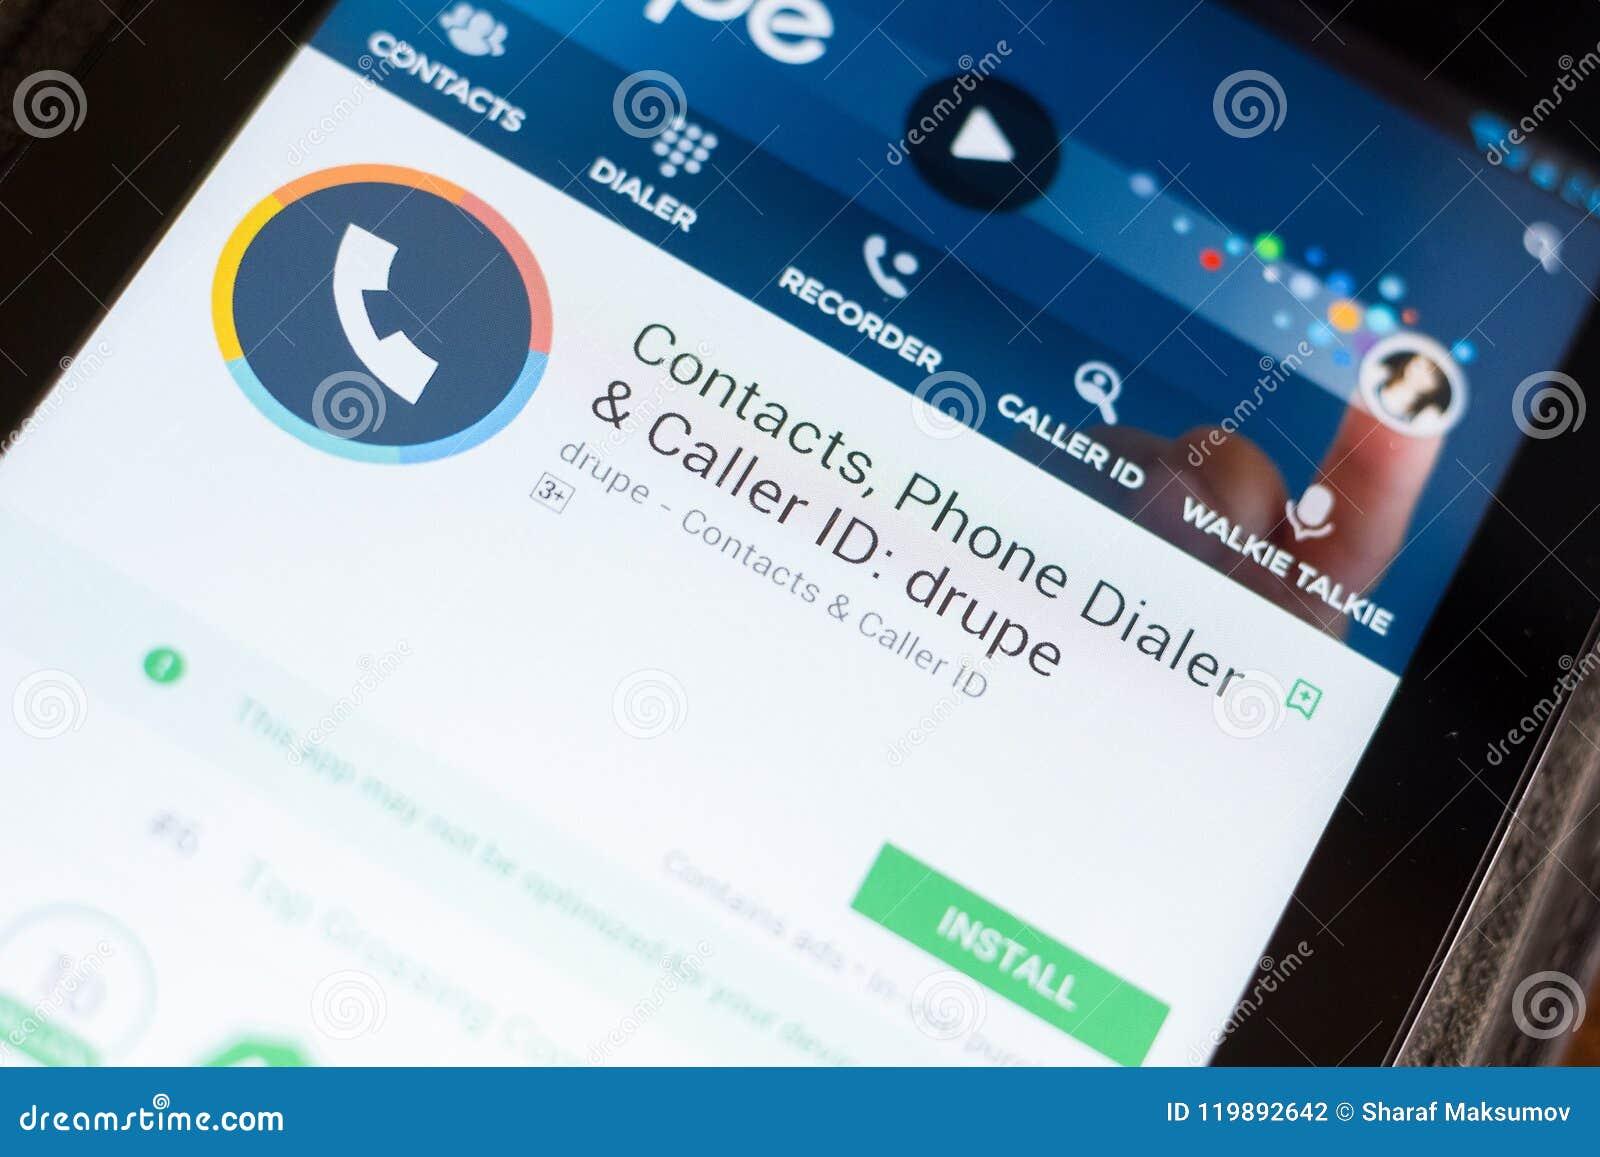 Ryazan, Rusland - Juni 24, 2018: Steenvruchtencontacten, telefoon Dialer en Bezoekersidentiteitskaart mobiele app op de vertoning